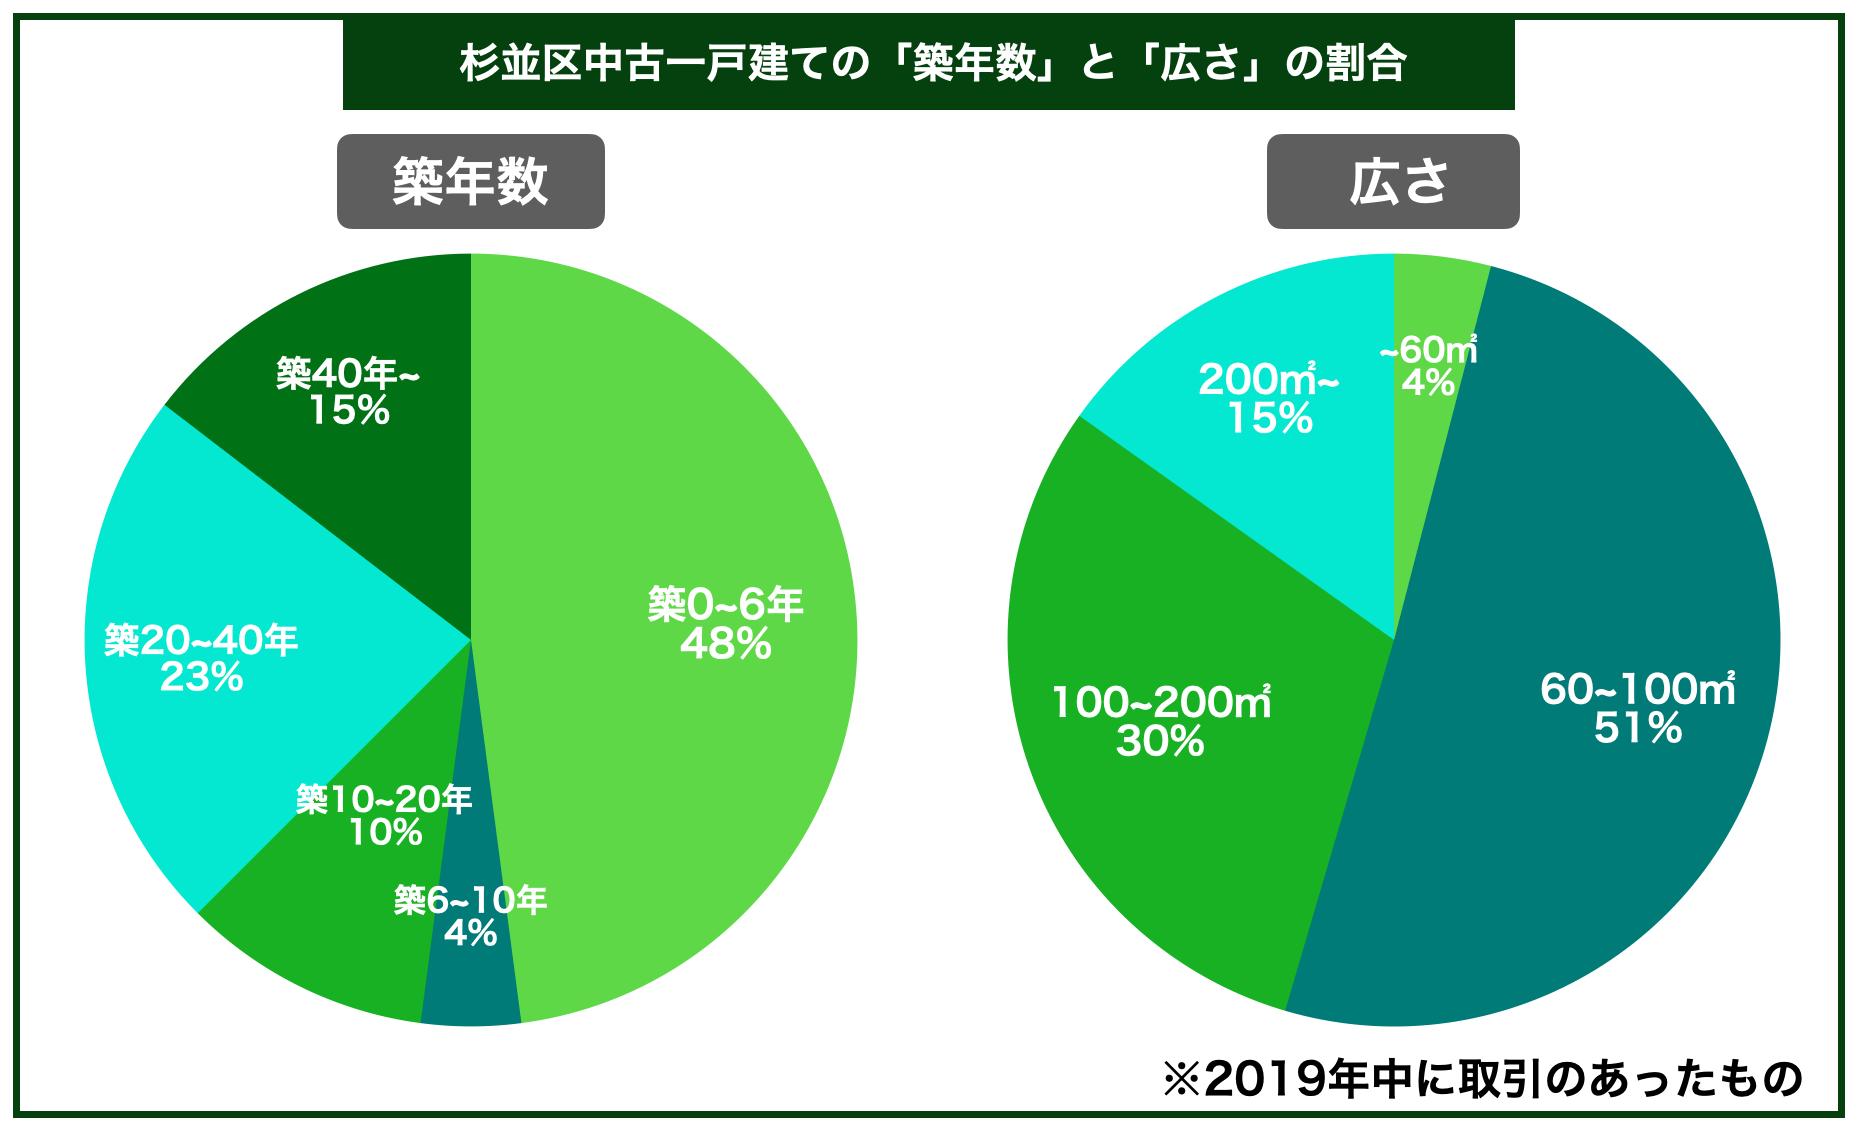 杉並区中古一戸建ての平均築年数と広さの割合